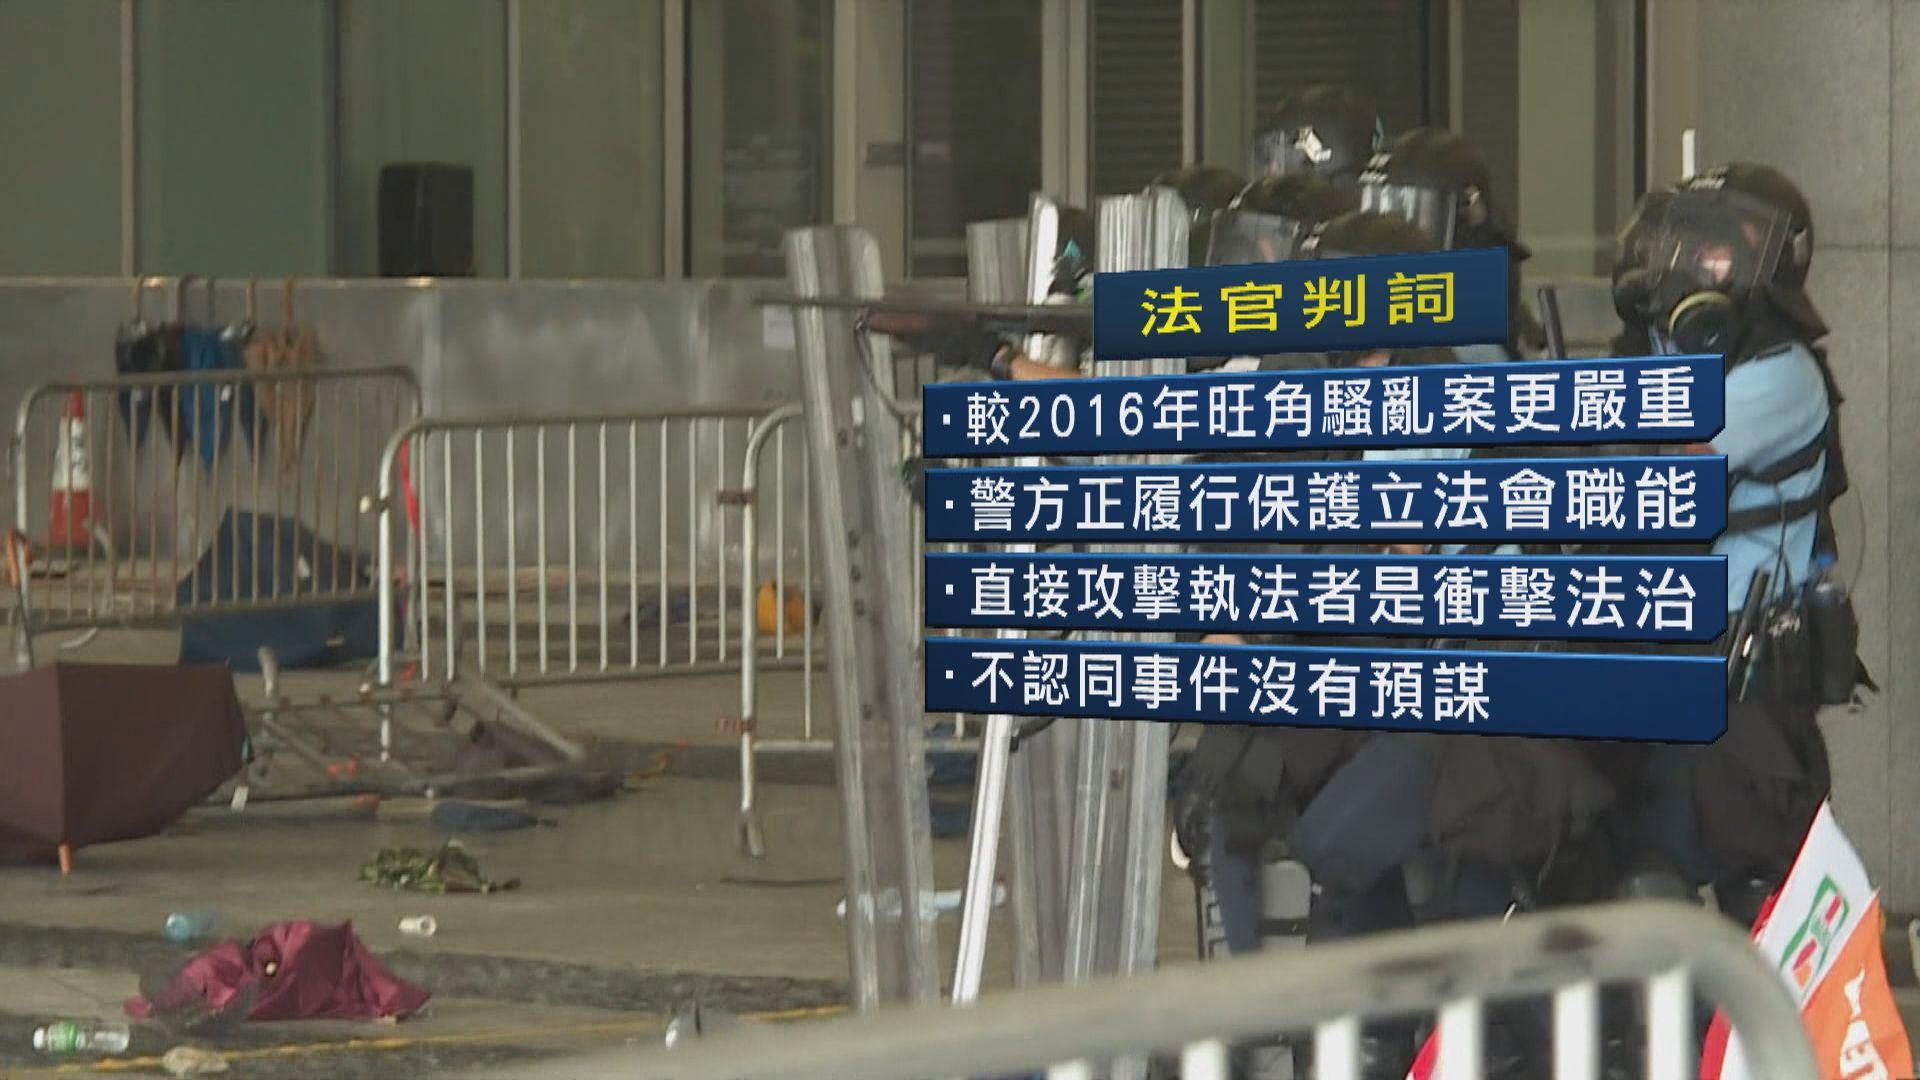 612首宗承認暴動罪案 官指案件較旺角騷亂案更嚴重